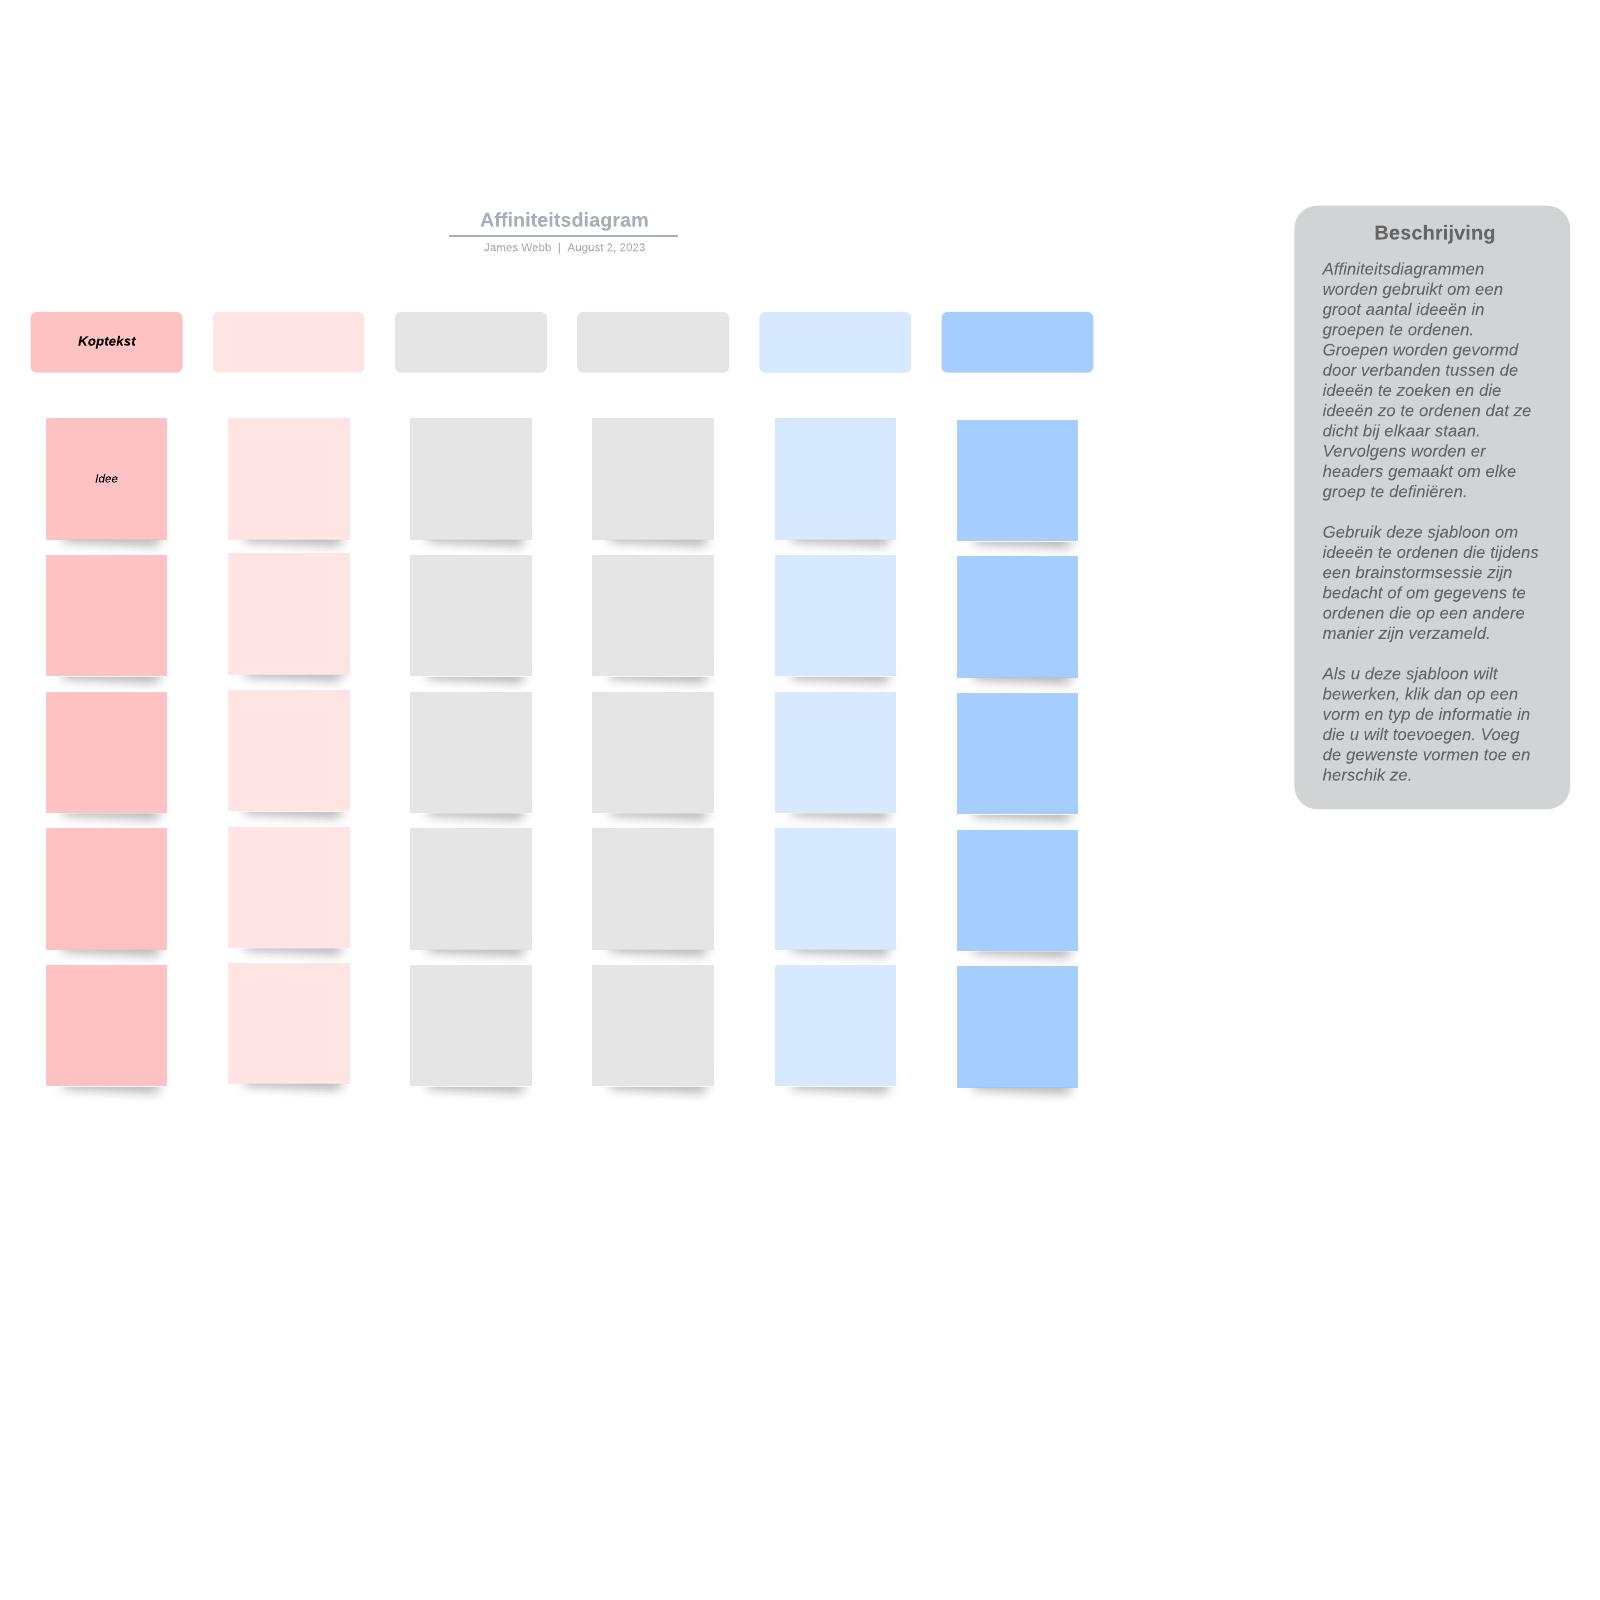 Affiniteitsdiagram